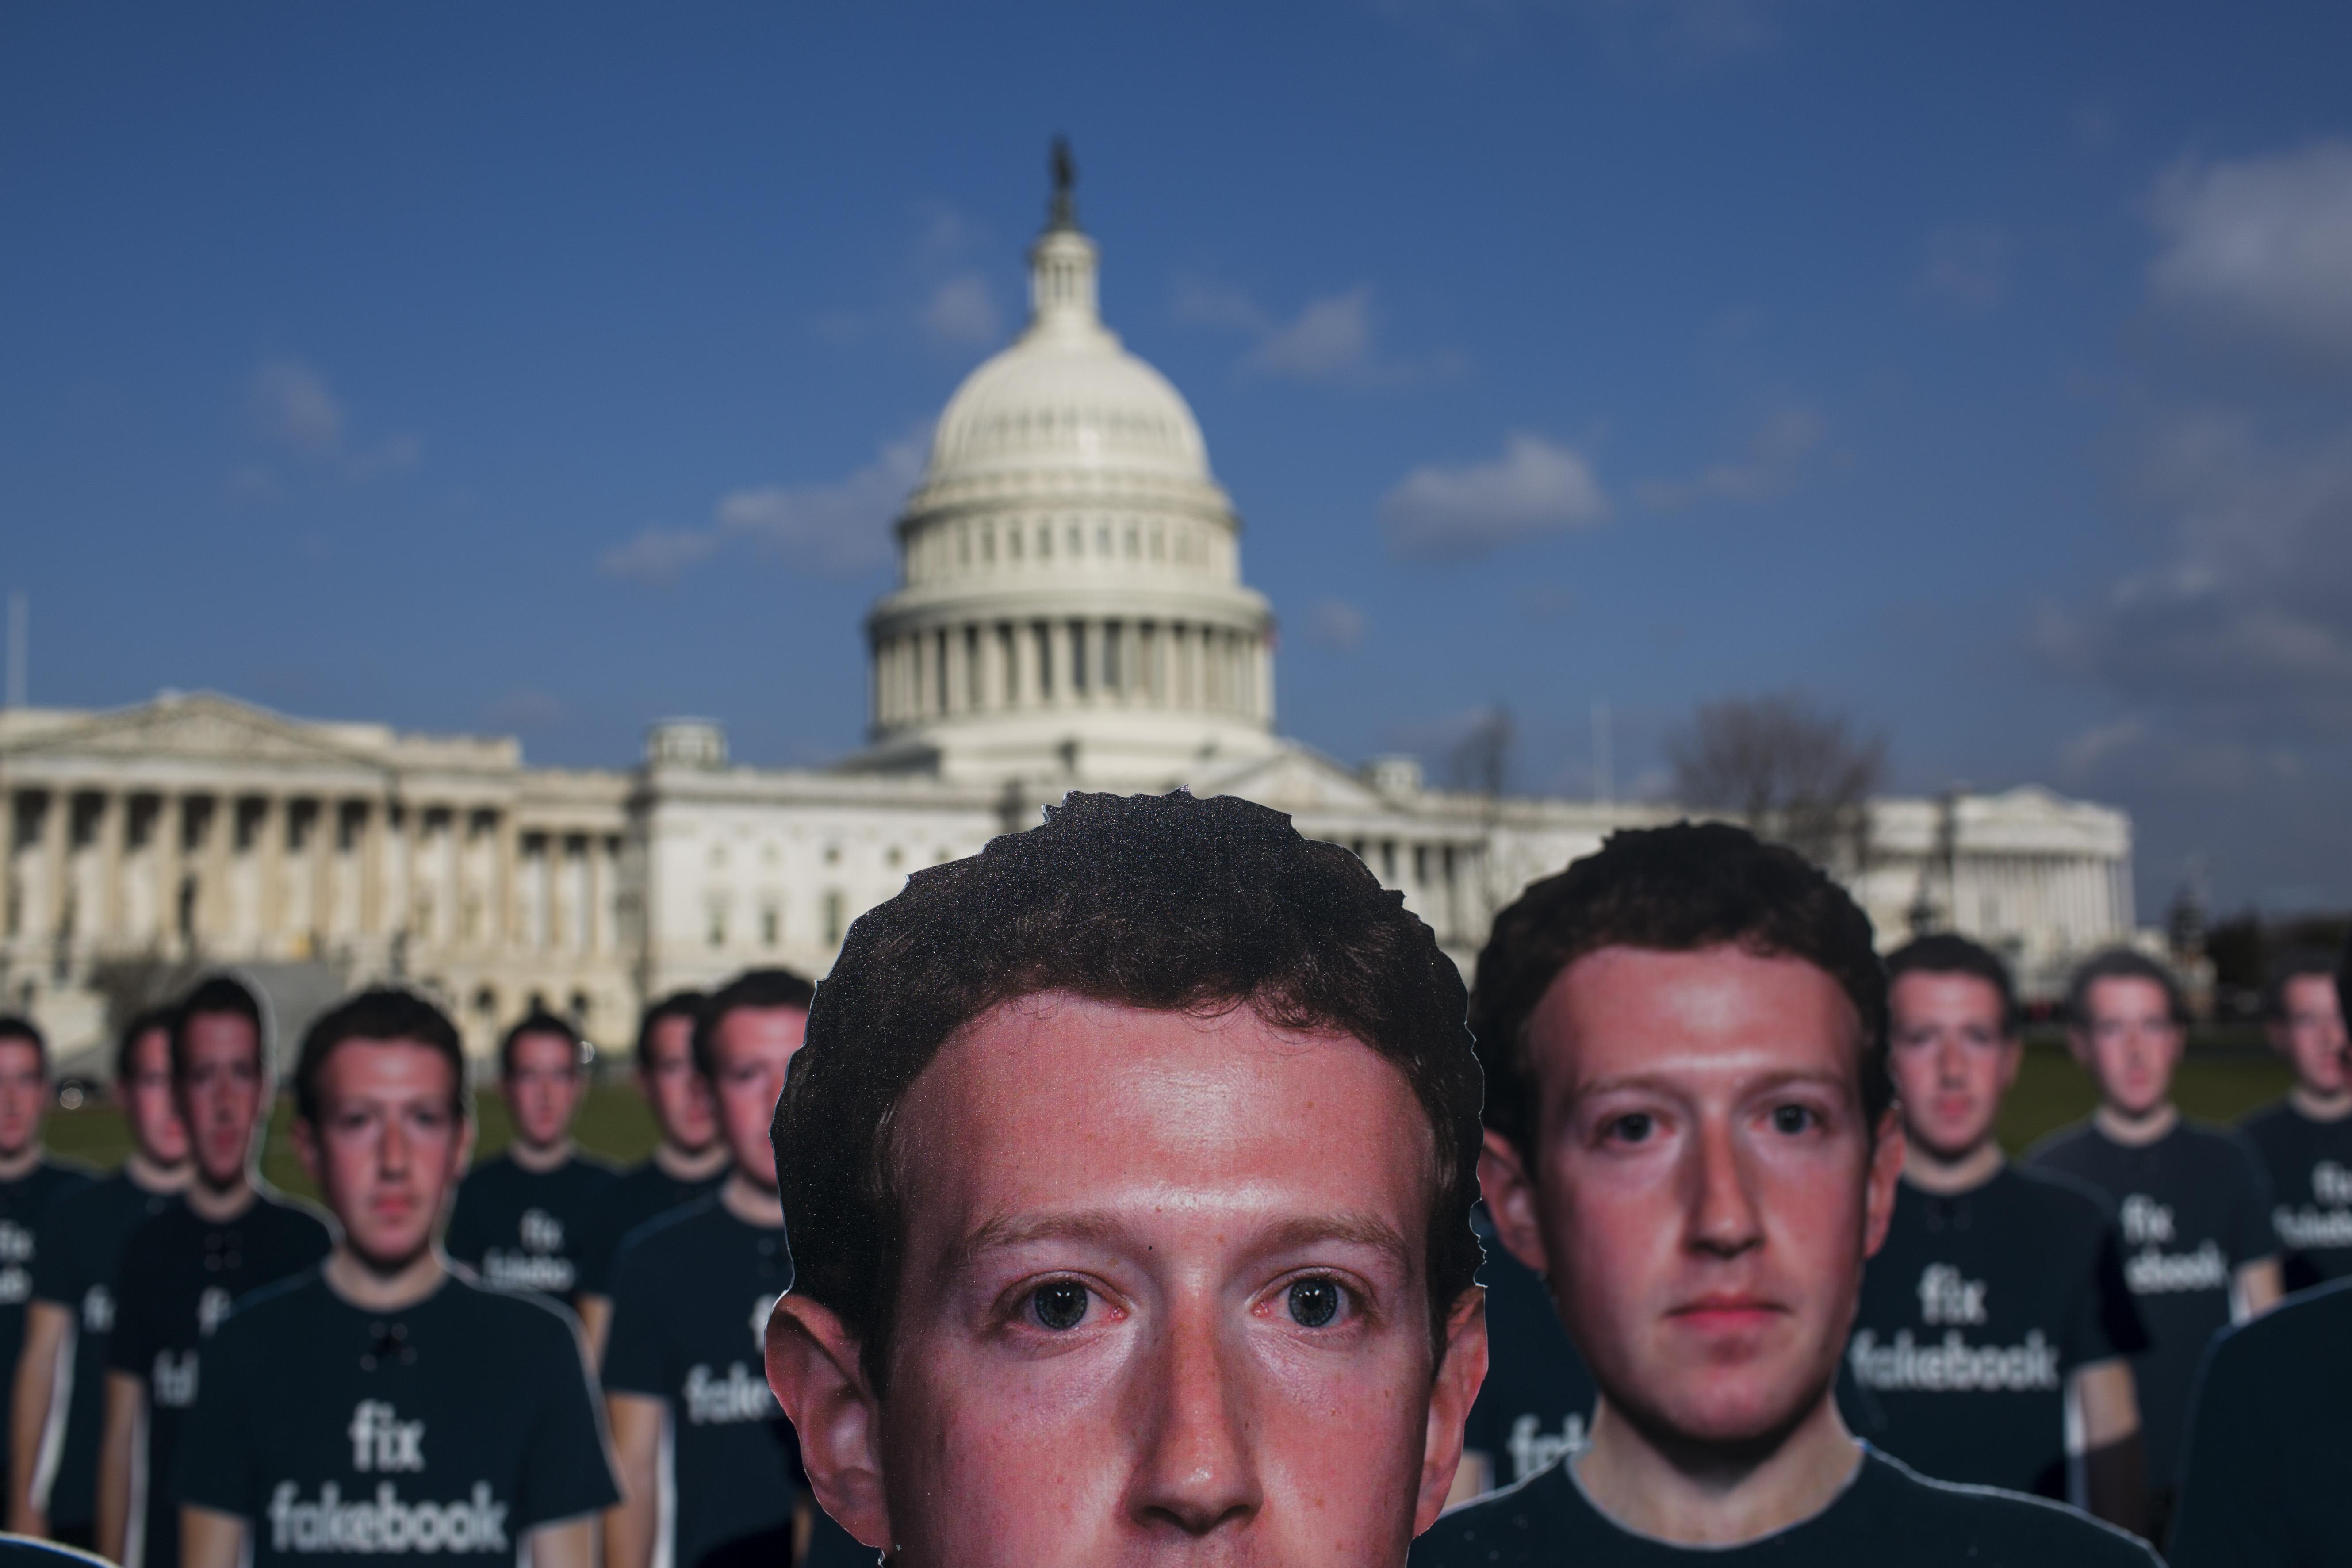 5 milliárd dolláros bírságot kaphat a Facebook, mert átadták több tízmillió felhasználójuk adatait a Trump-kampánynak dolgozó cégnek